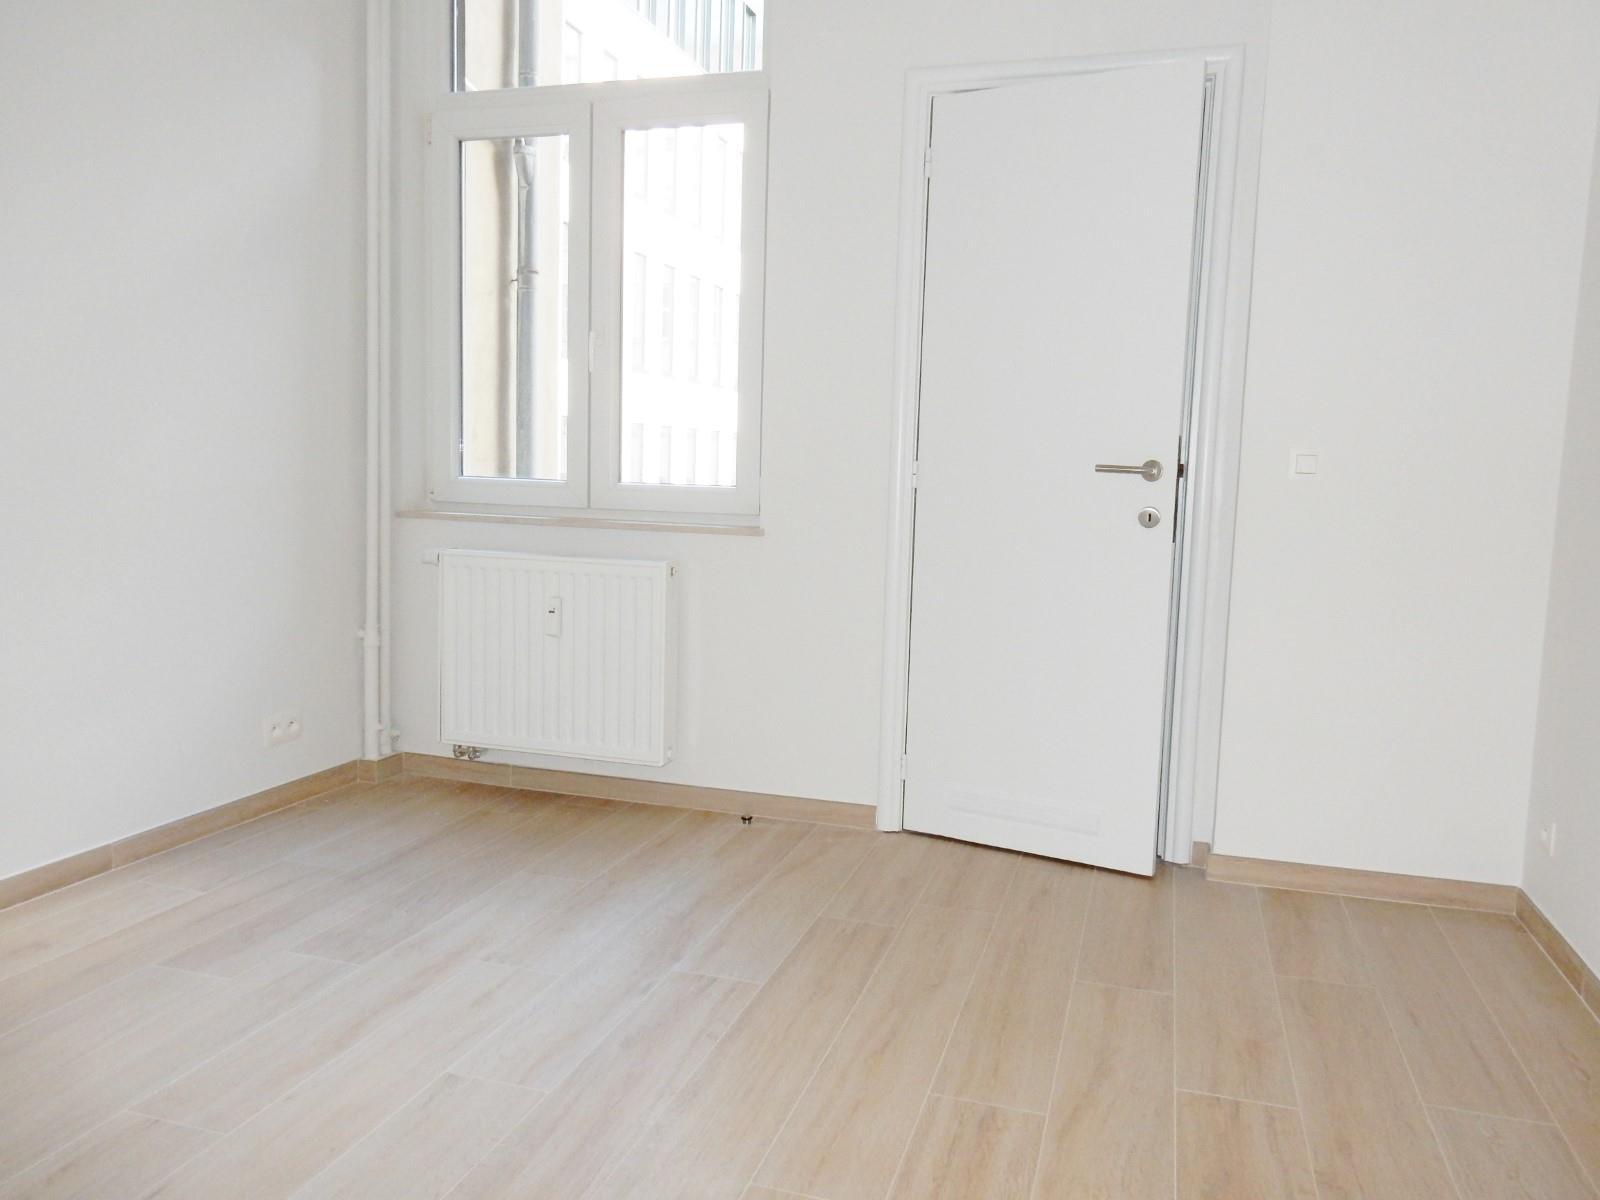 Appartement - Bruxelles - #3851324-4